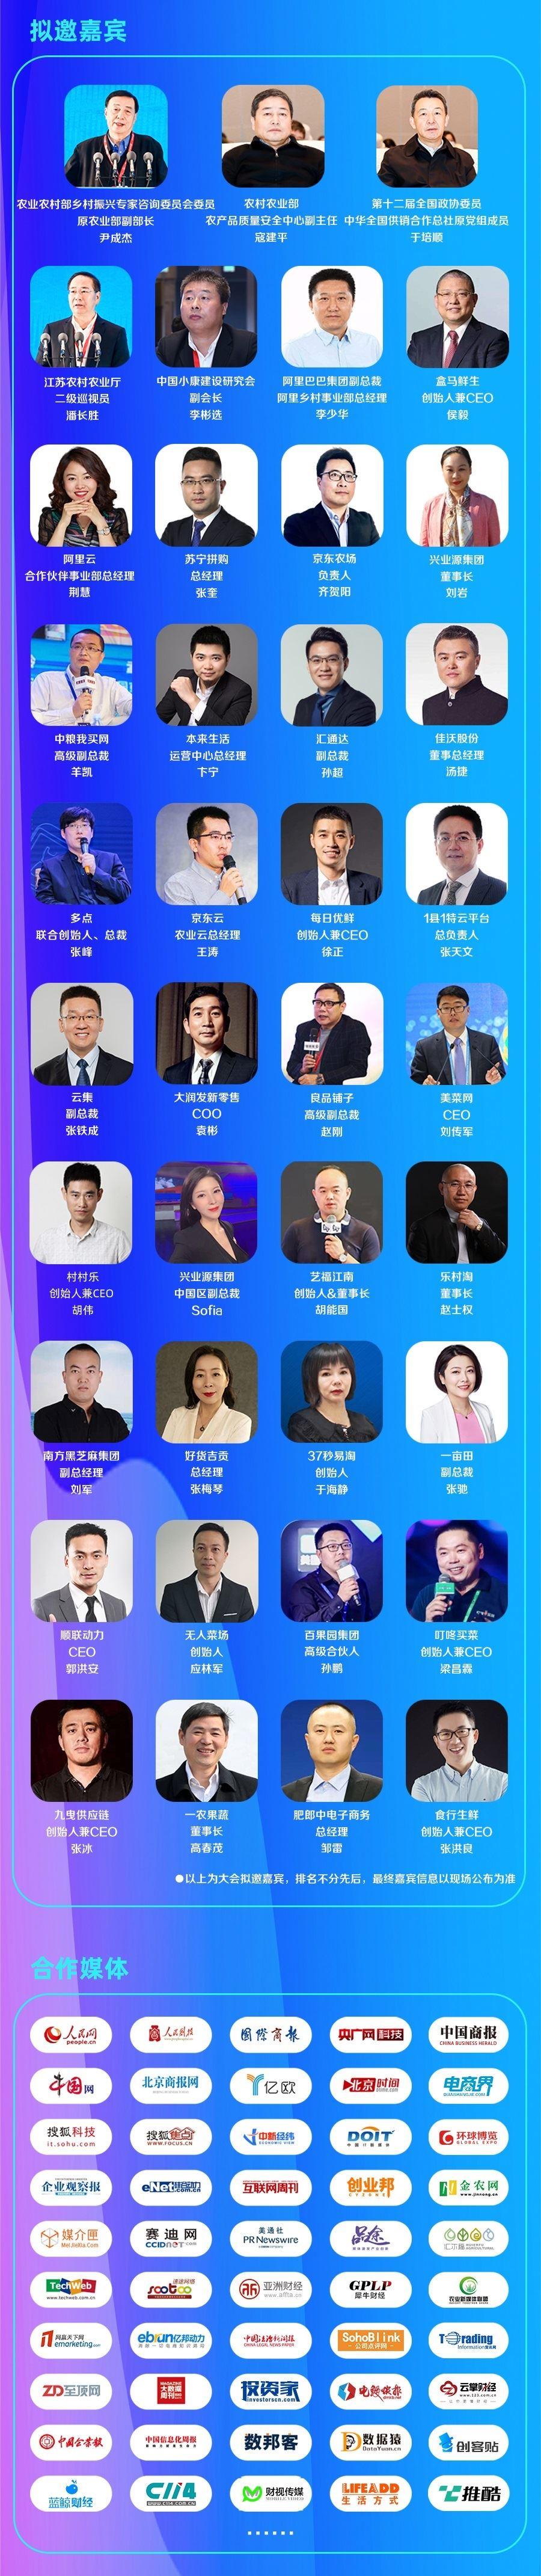 2021中国农产品供应链博览会4.jpg